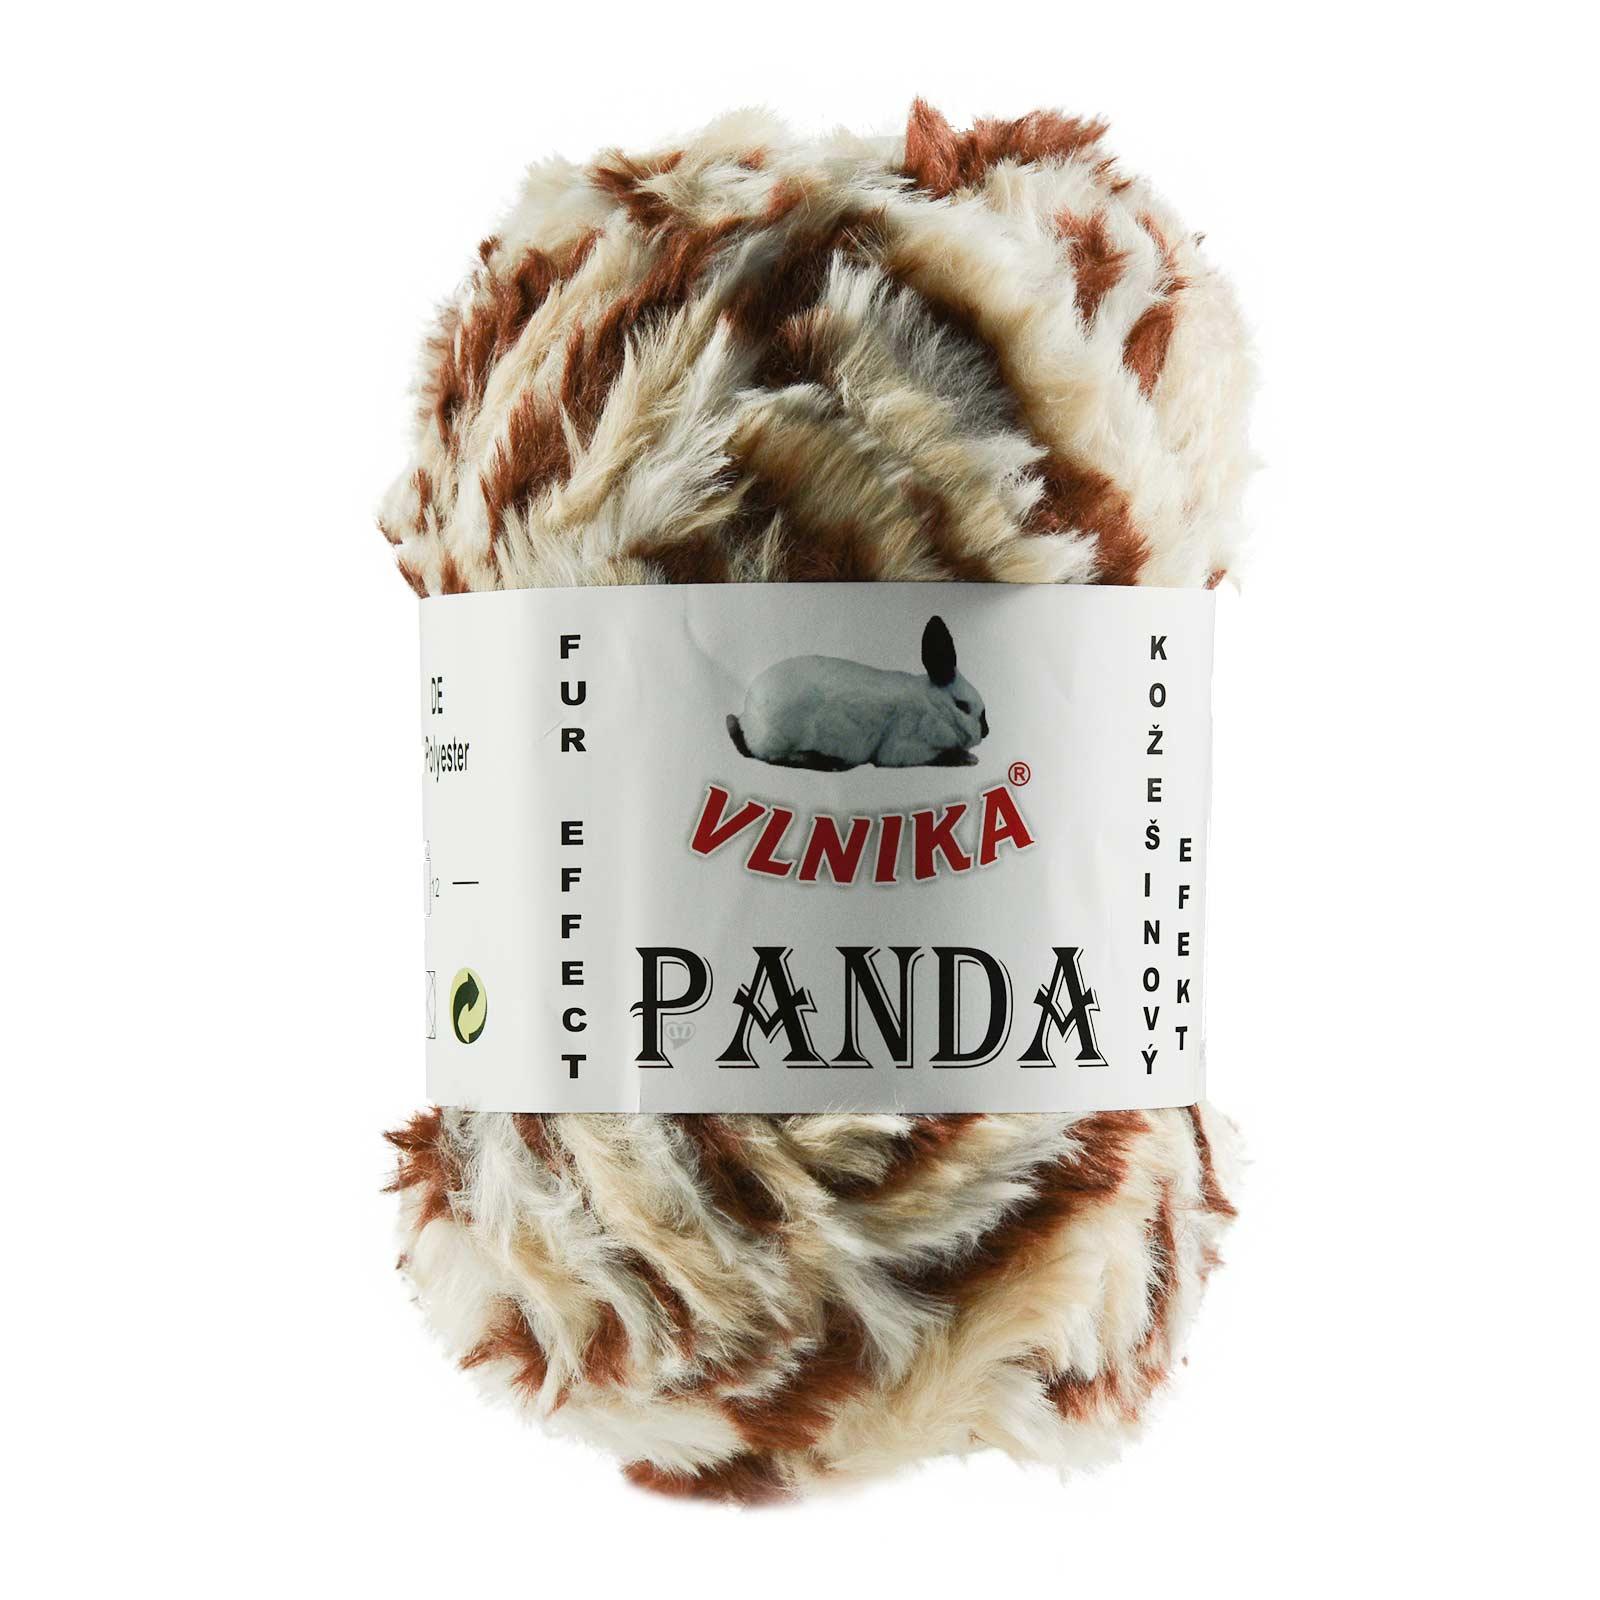 100g Strickgarn Panda Strick-Wolle Webpelz-Garn Kuschelwolle Plüschwolle  – Bild 17